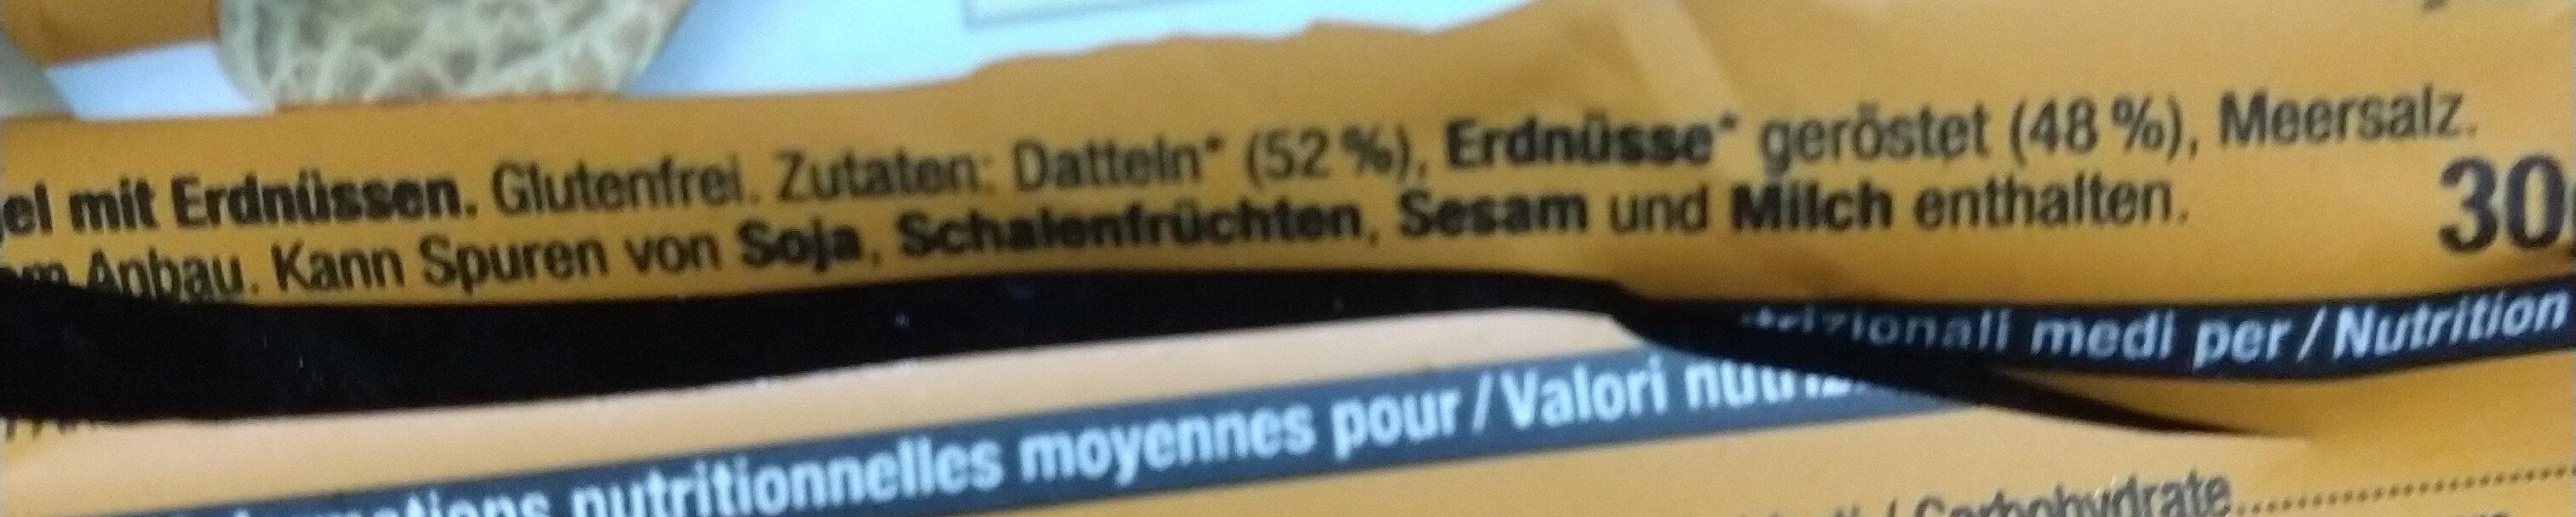 snack bar peanut - Ingredients